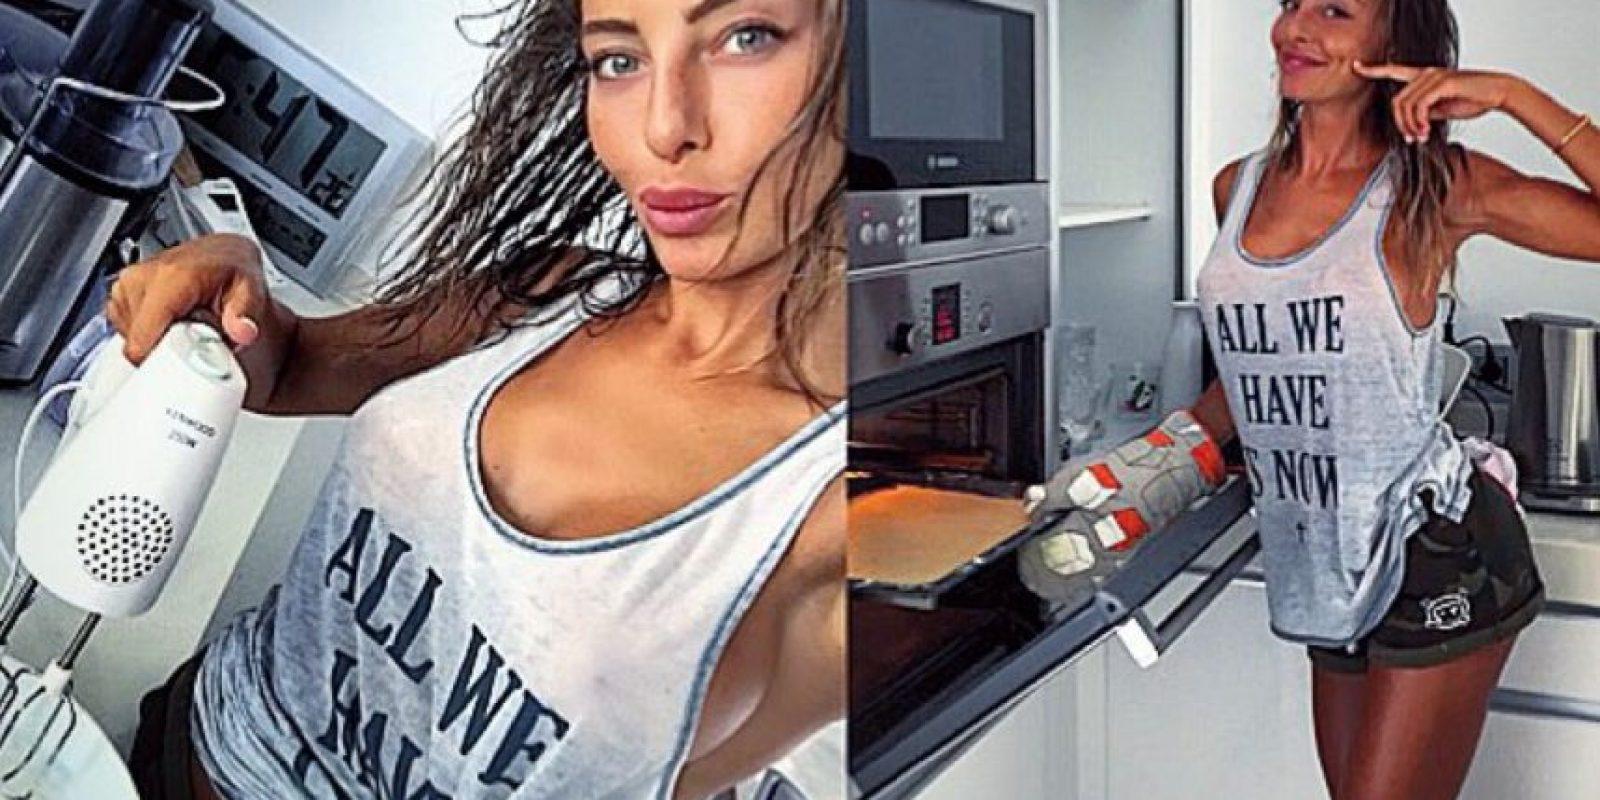 Se rumoró que salió con la modelo italiana en mayo pasado Foto:Vía instagram.com/alessiatedeschi91